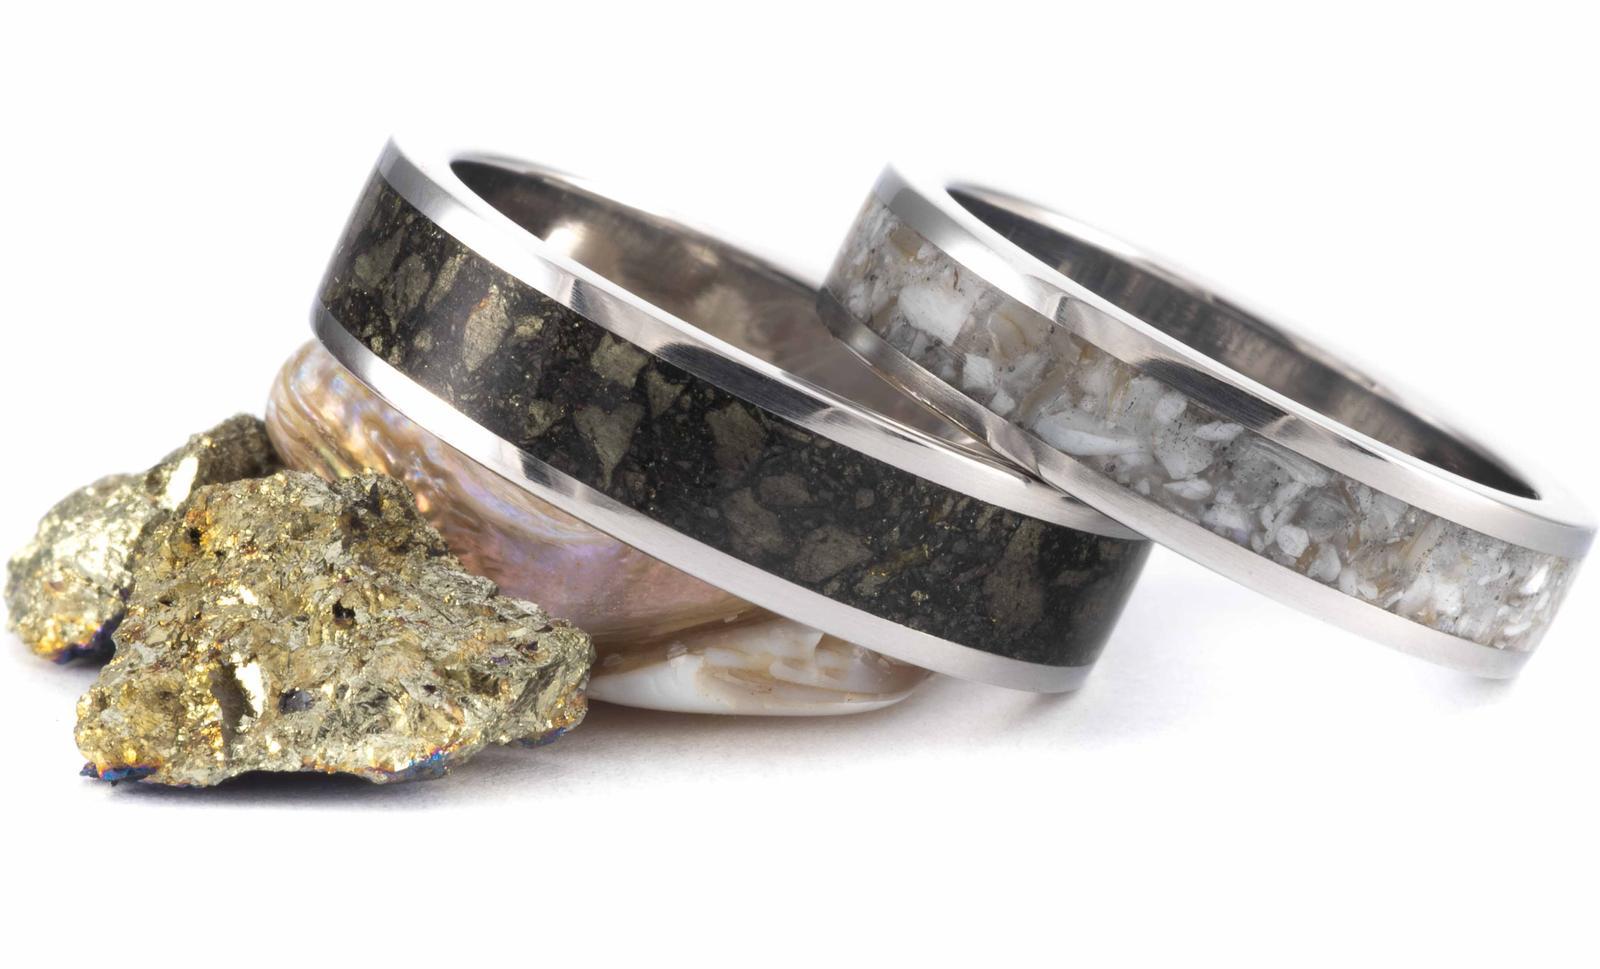 Netradiční prstýnky ze dřeva a minerálů - Obrázek č. 1